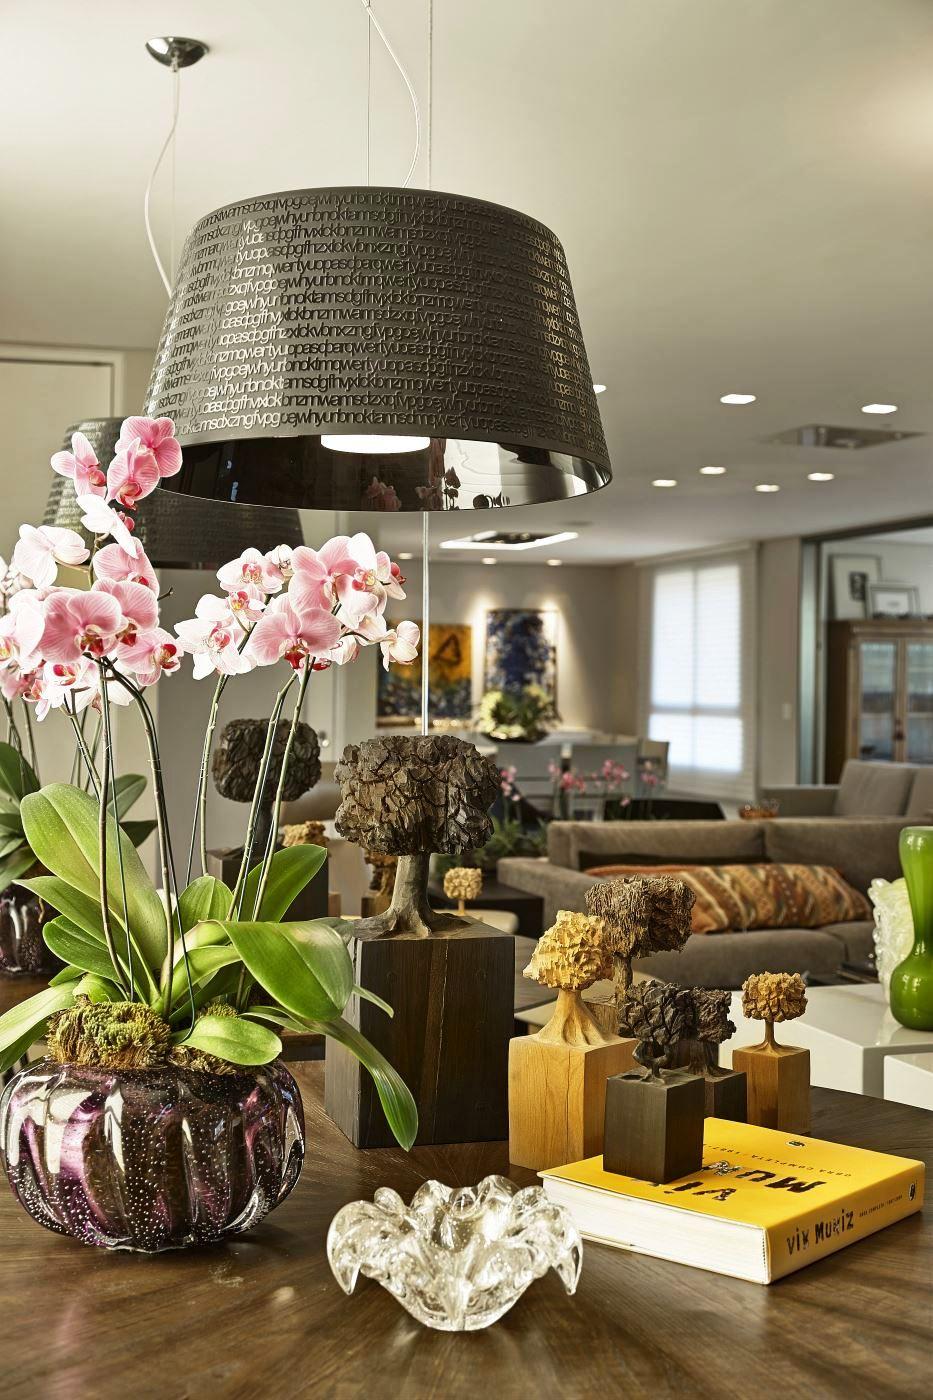 Flores, texturas e aconchego!! Tudo em sintonia compondo ambientes perfeitos!